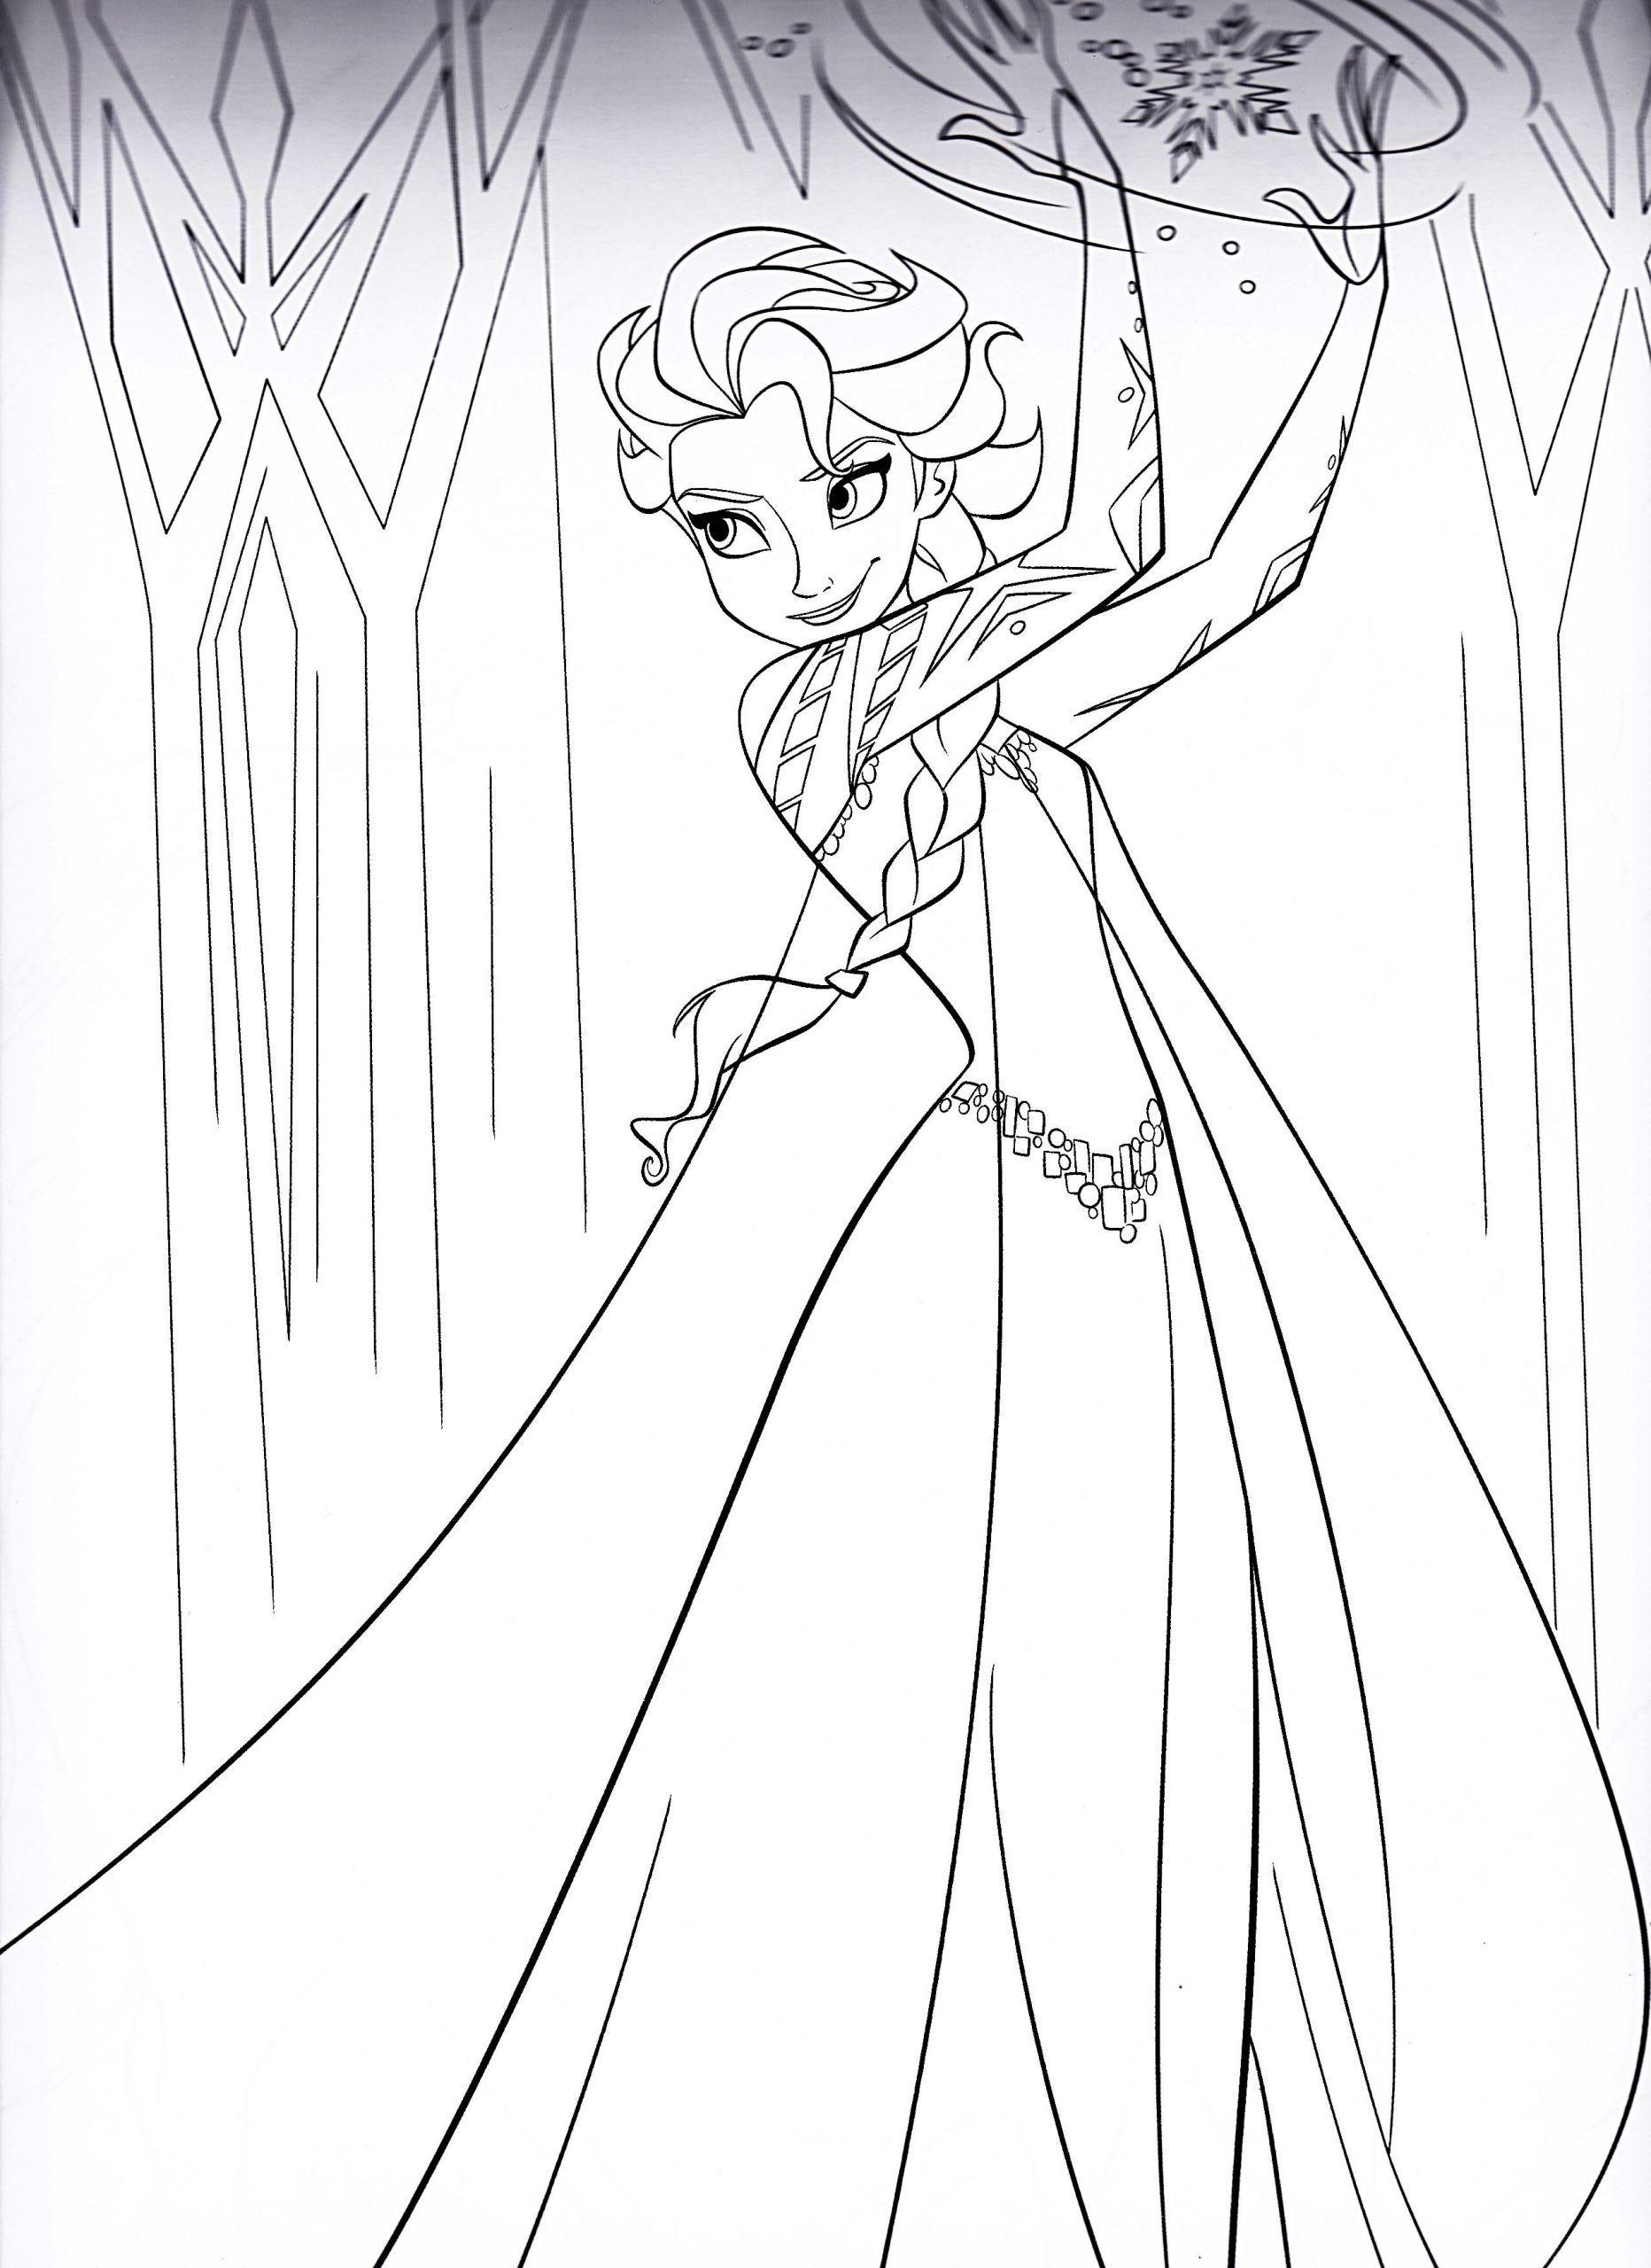 Die Besten Von Elsa Und Anna Ausmalbilder 01 Ausmalbilder Pinterest Druckfertig Of A Malvorlagen Eiskonigin Disney Prinzessin Malvorlagen Malvorlage Prinzessin